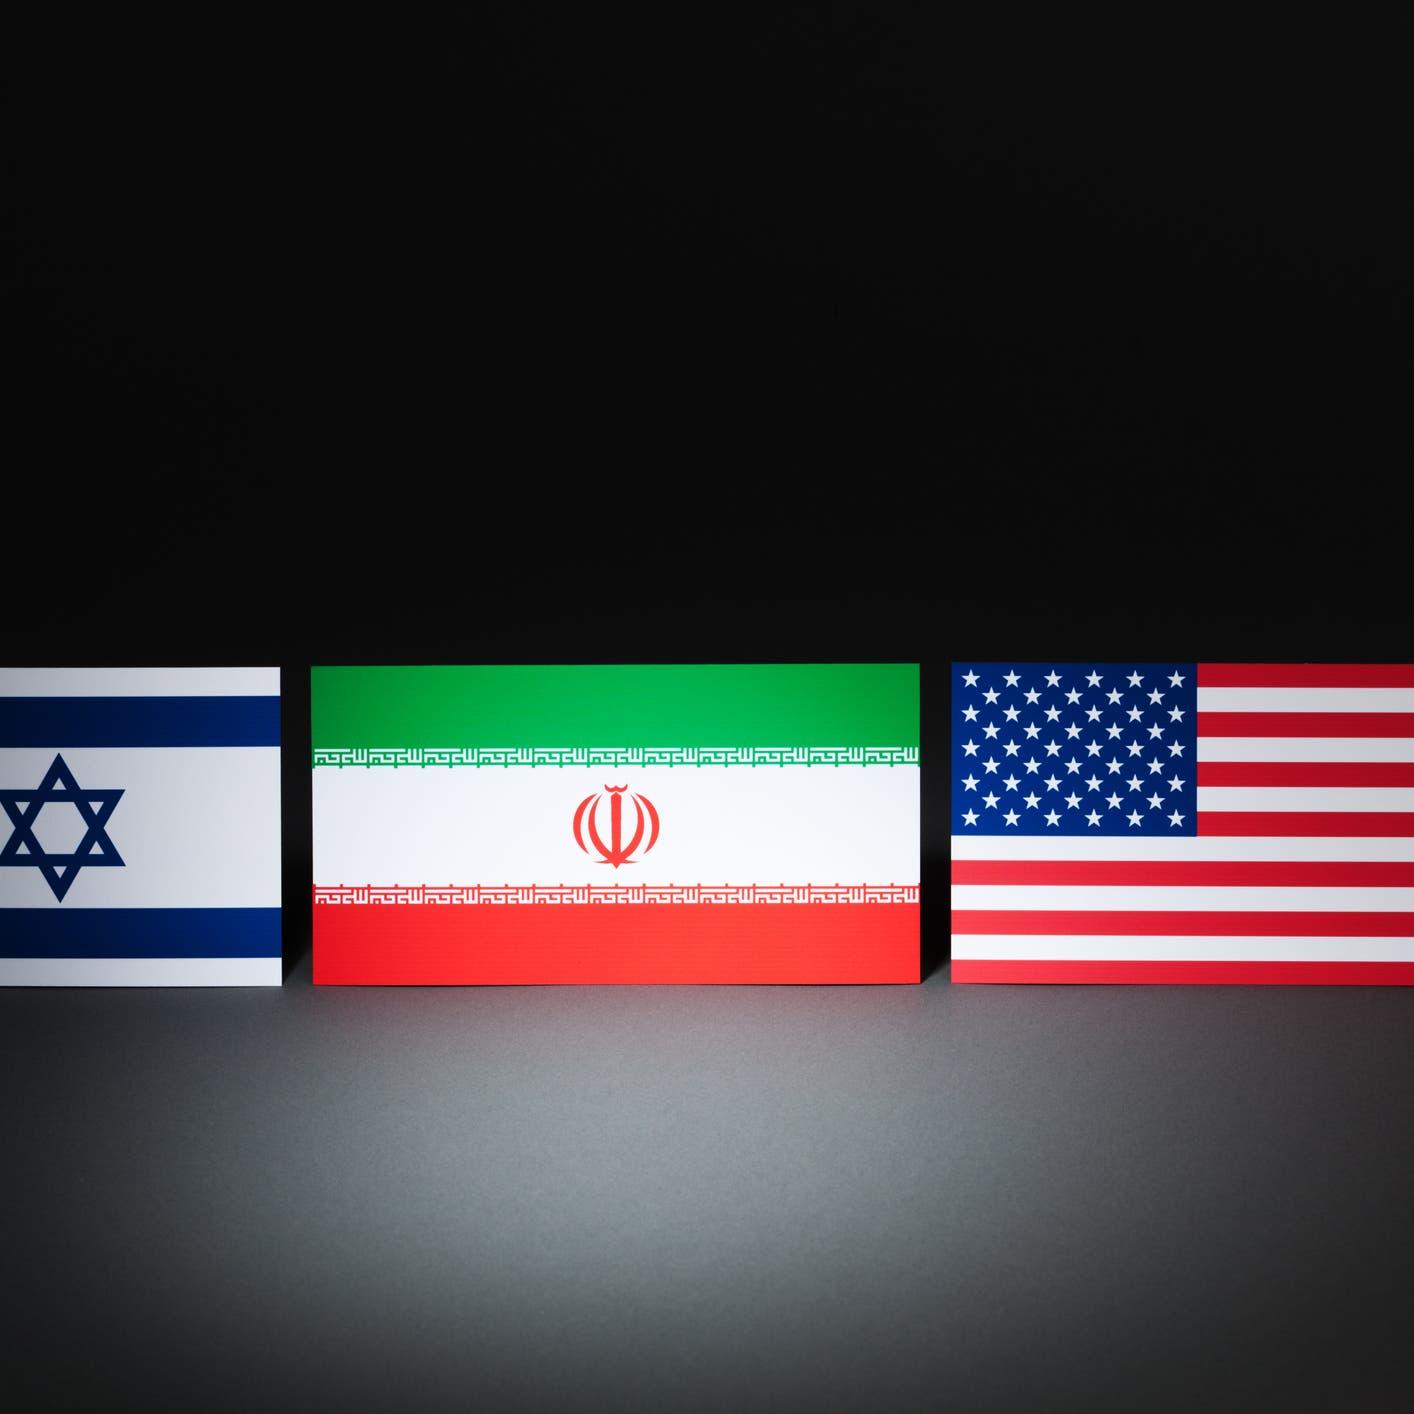 رسالة من 2000 مسؤول إسرائيلي لبايدن حول نووي إيران